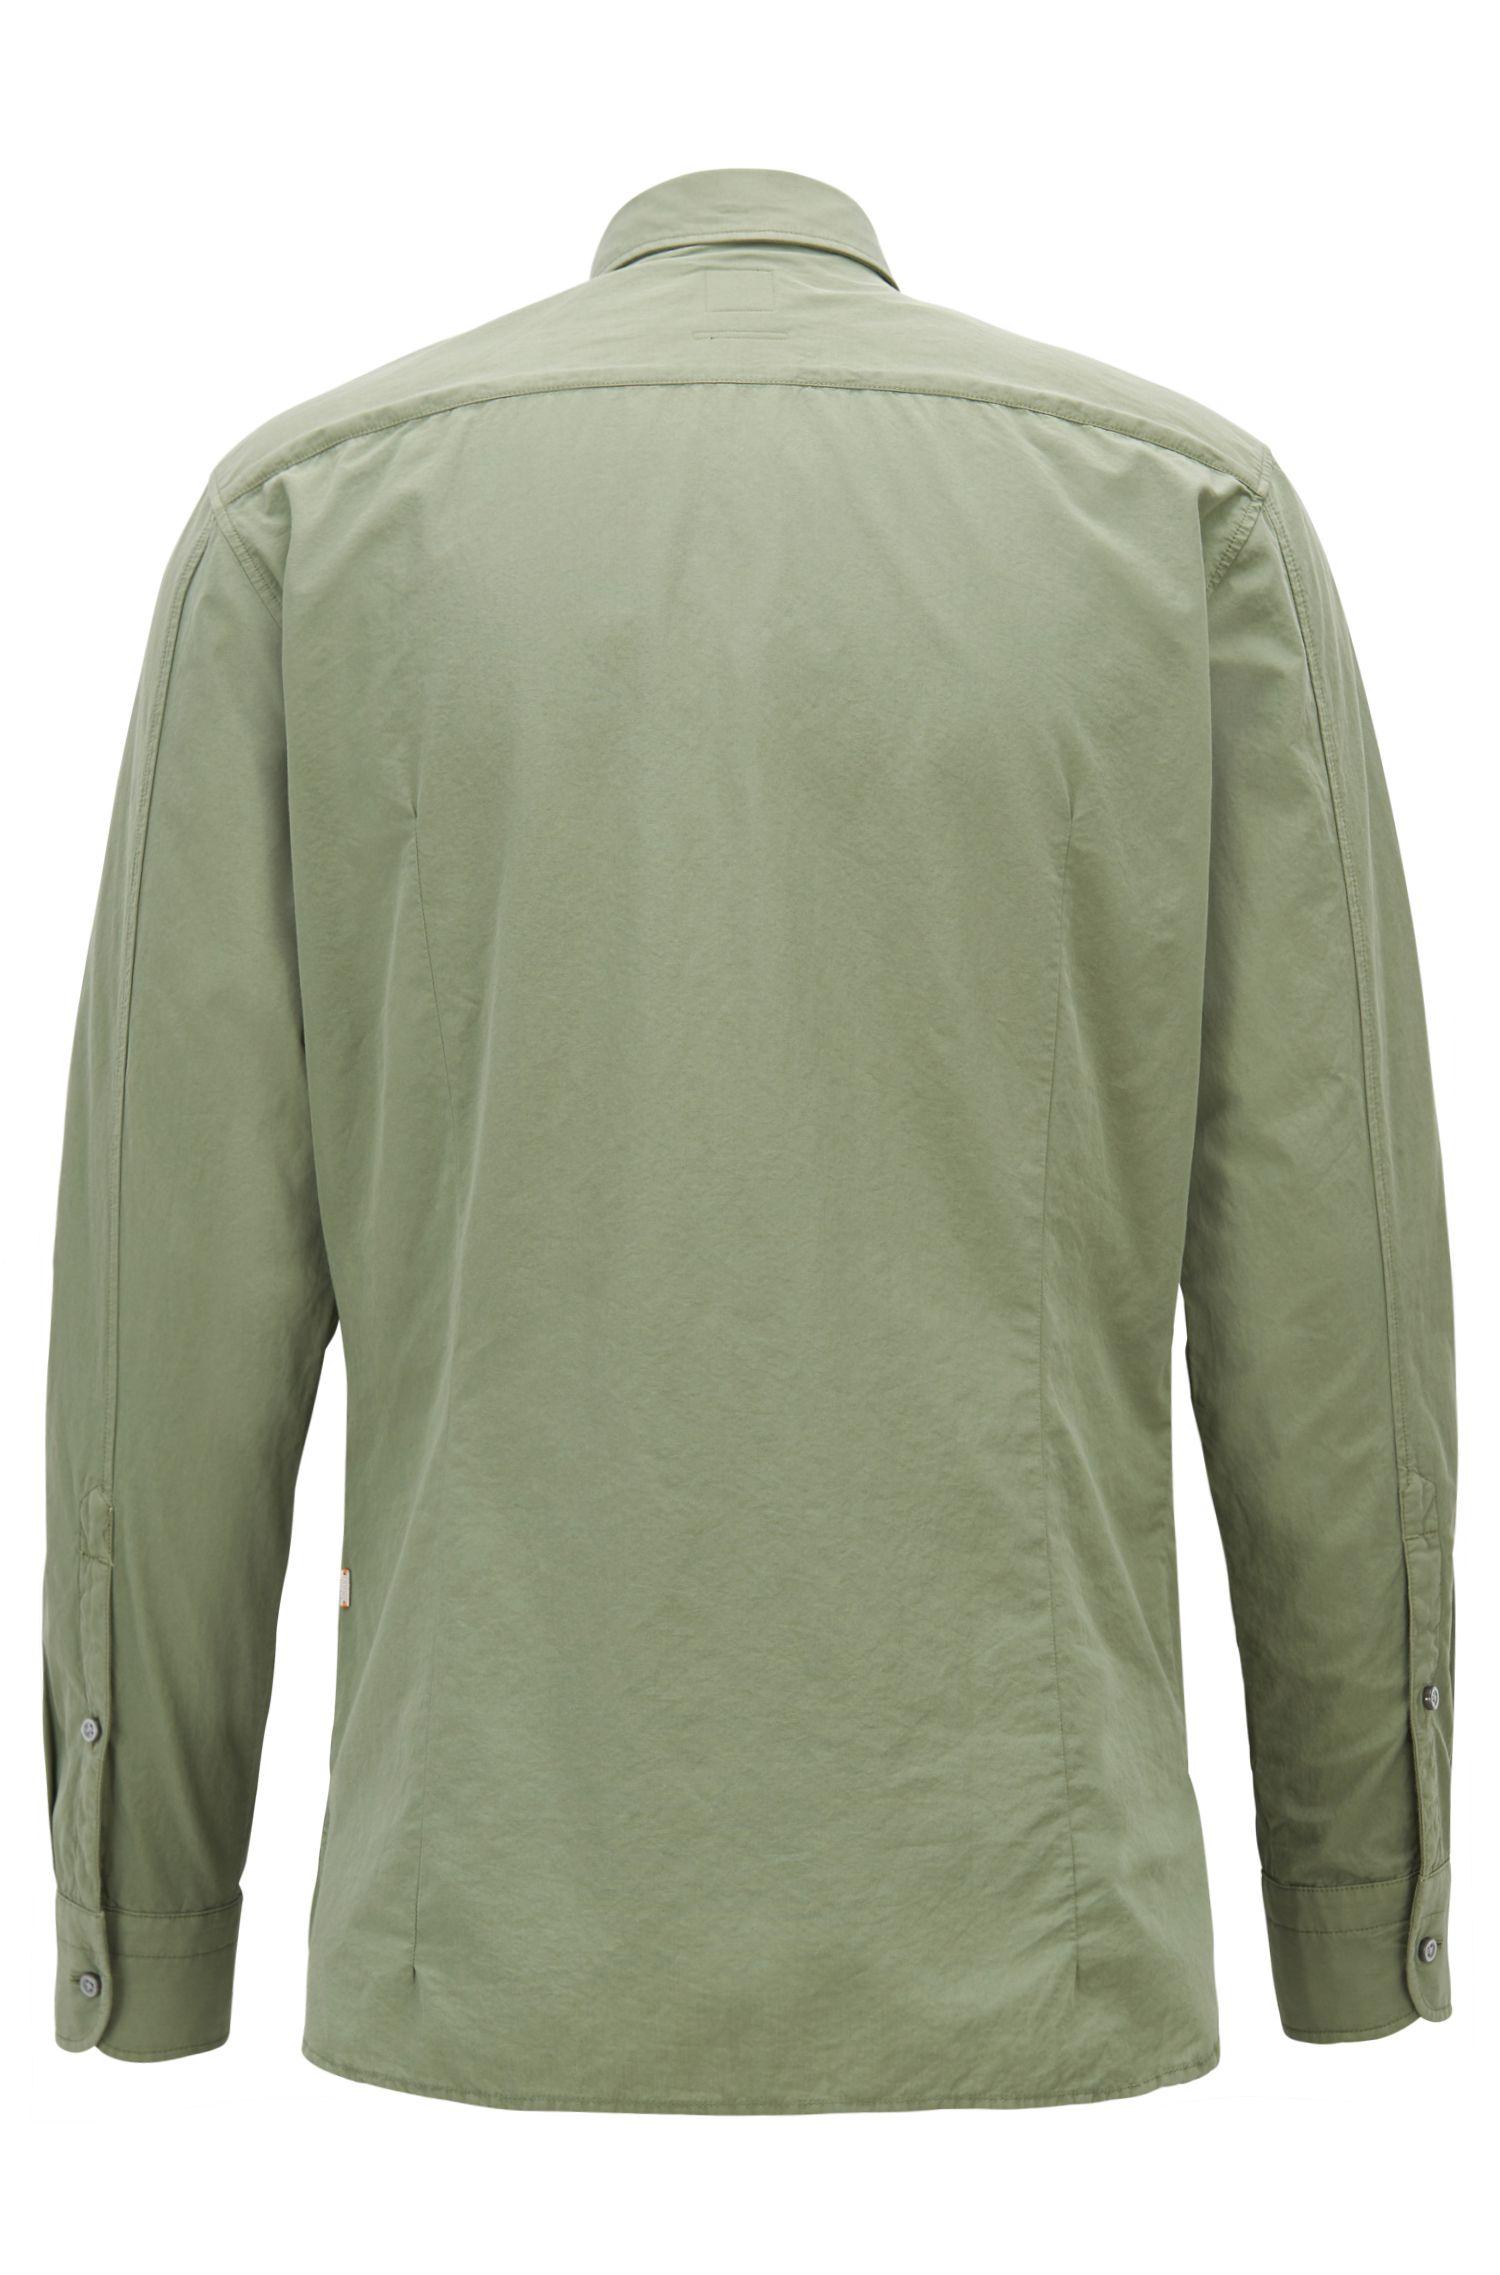 Slim-Fit Hemd aus strukturierter Baumwoll-Popeline